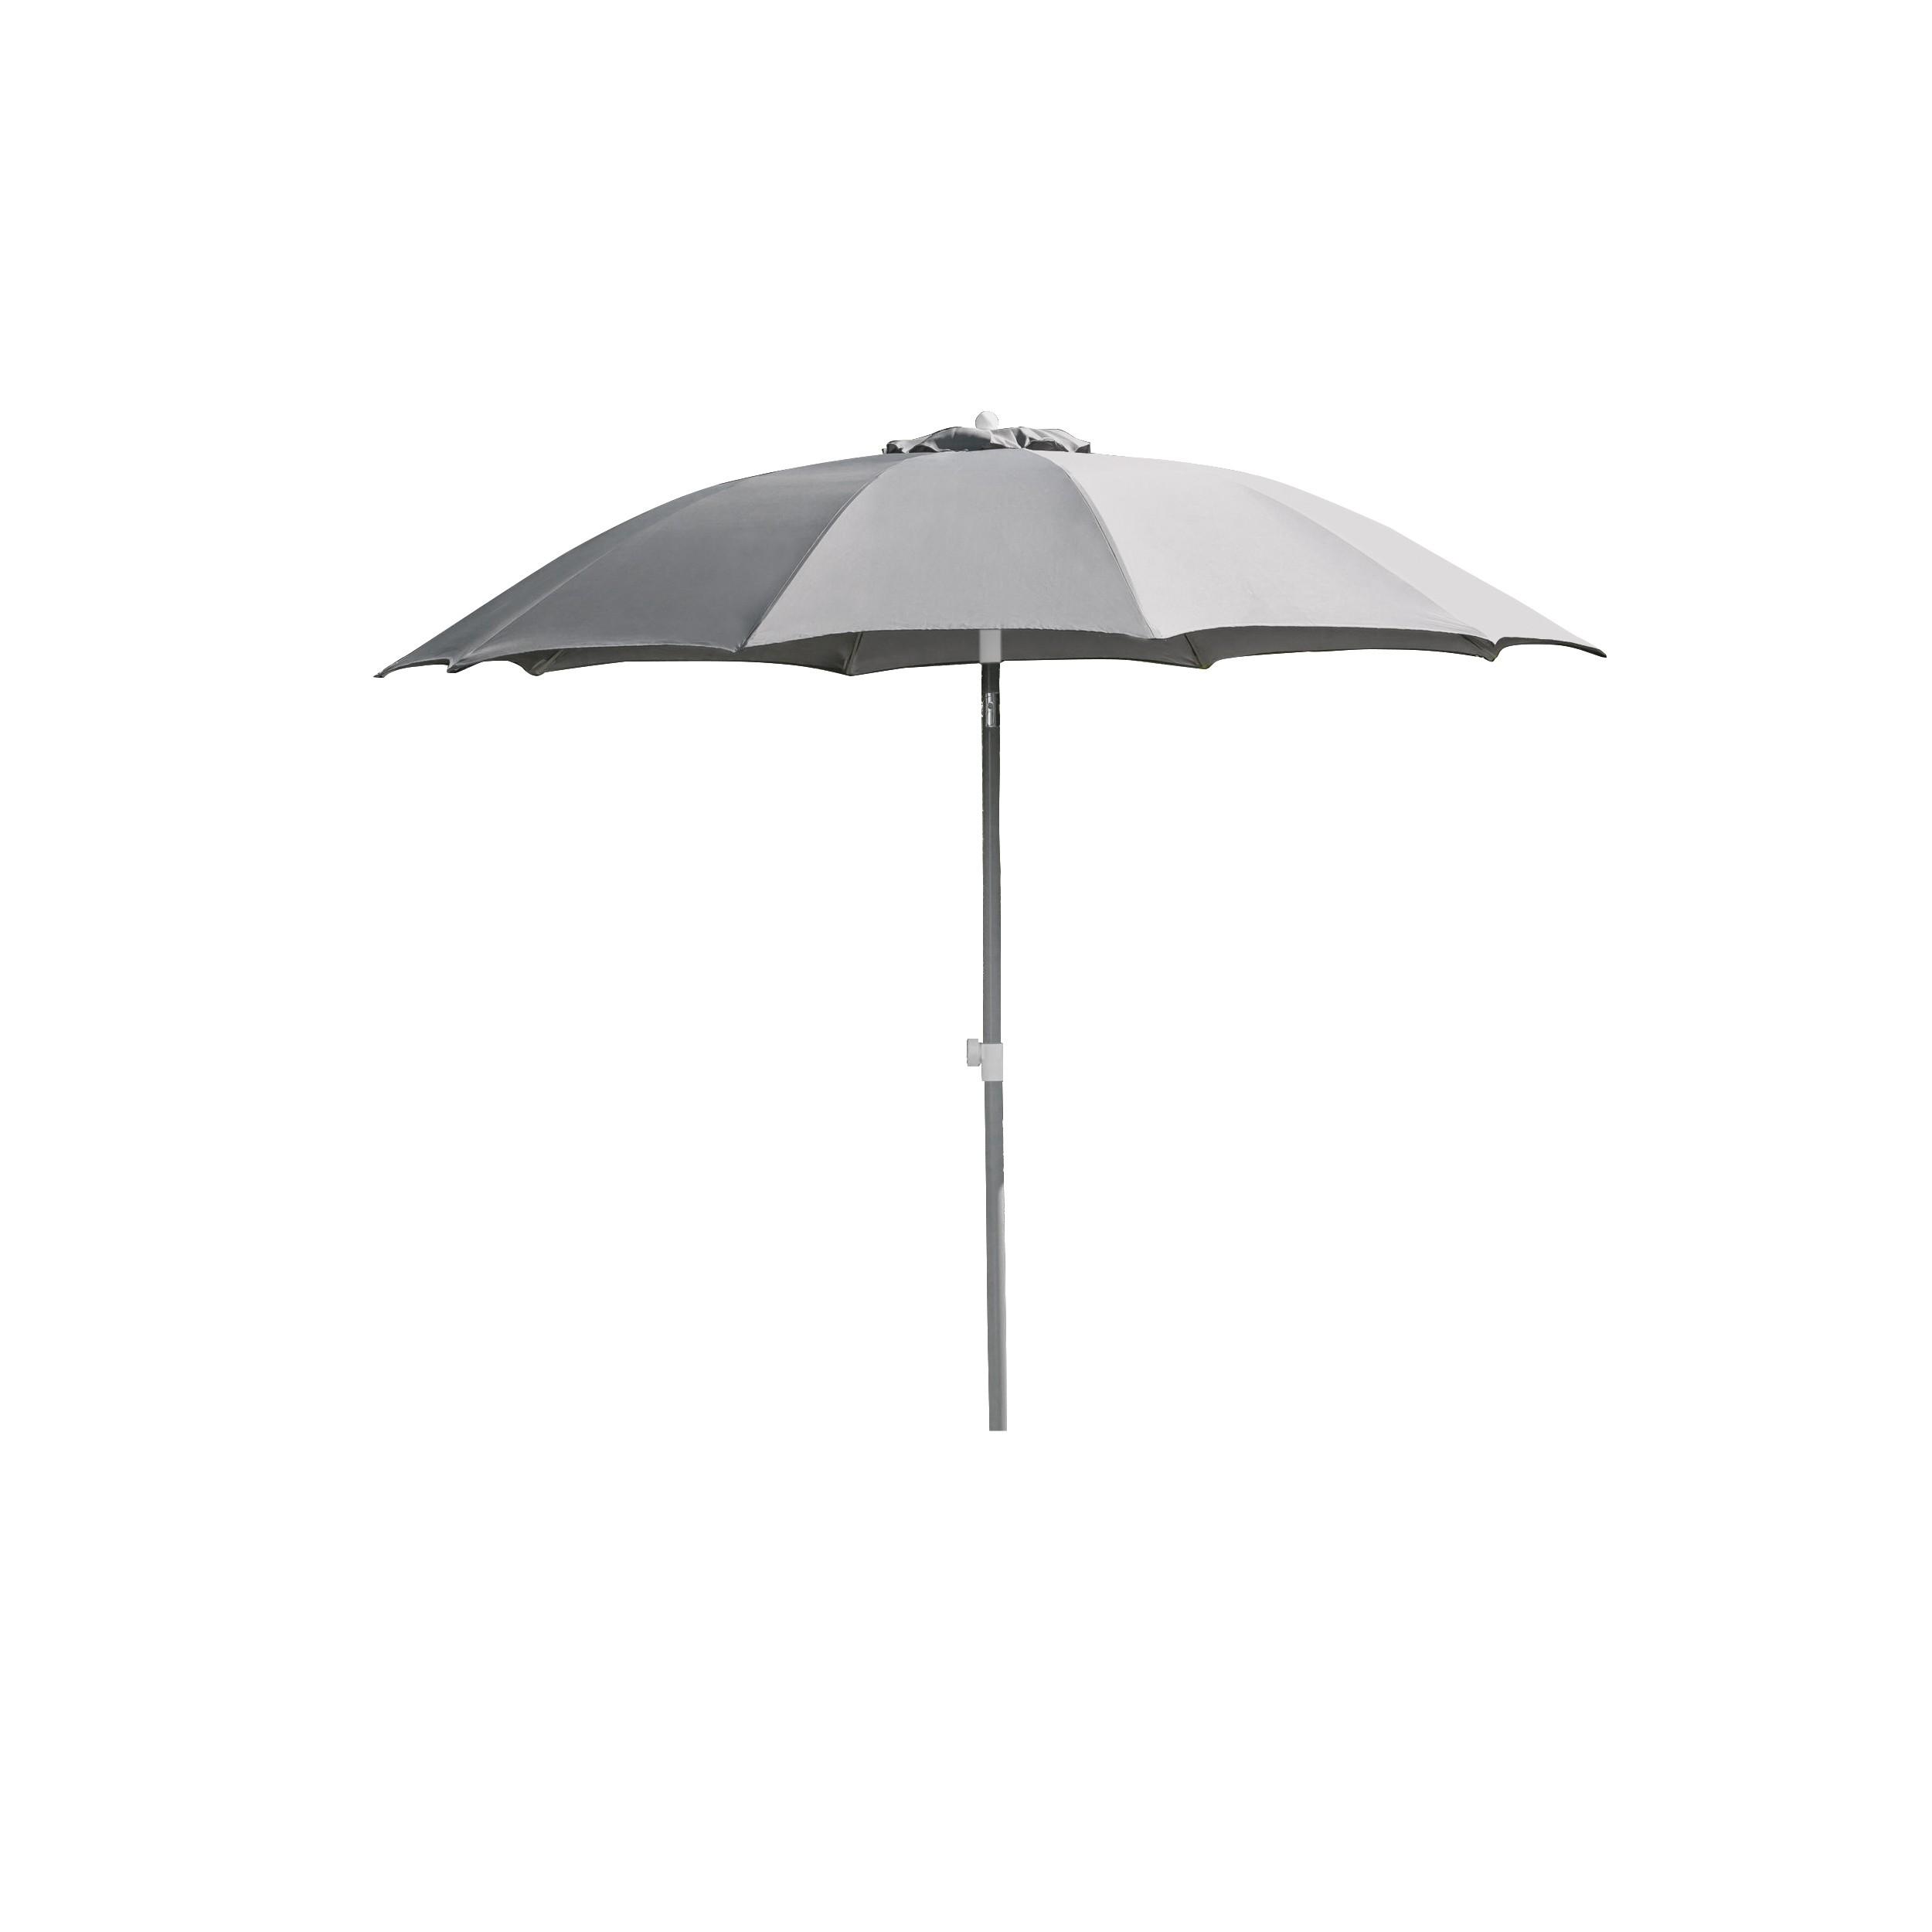 Parasol Calabria gris argent : découvrez les parasols Calabria